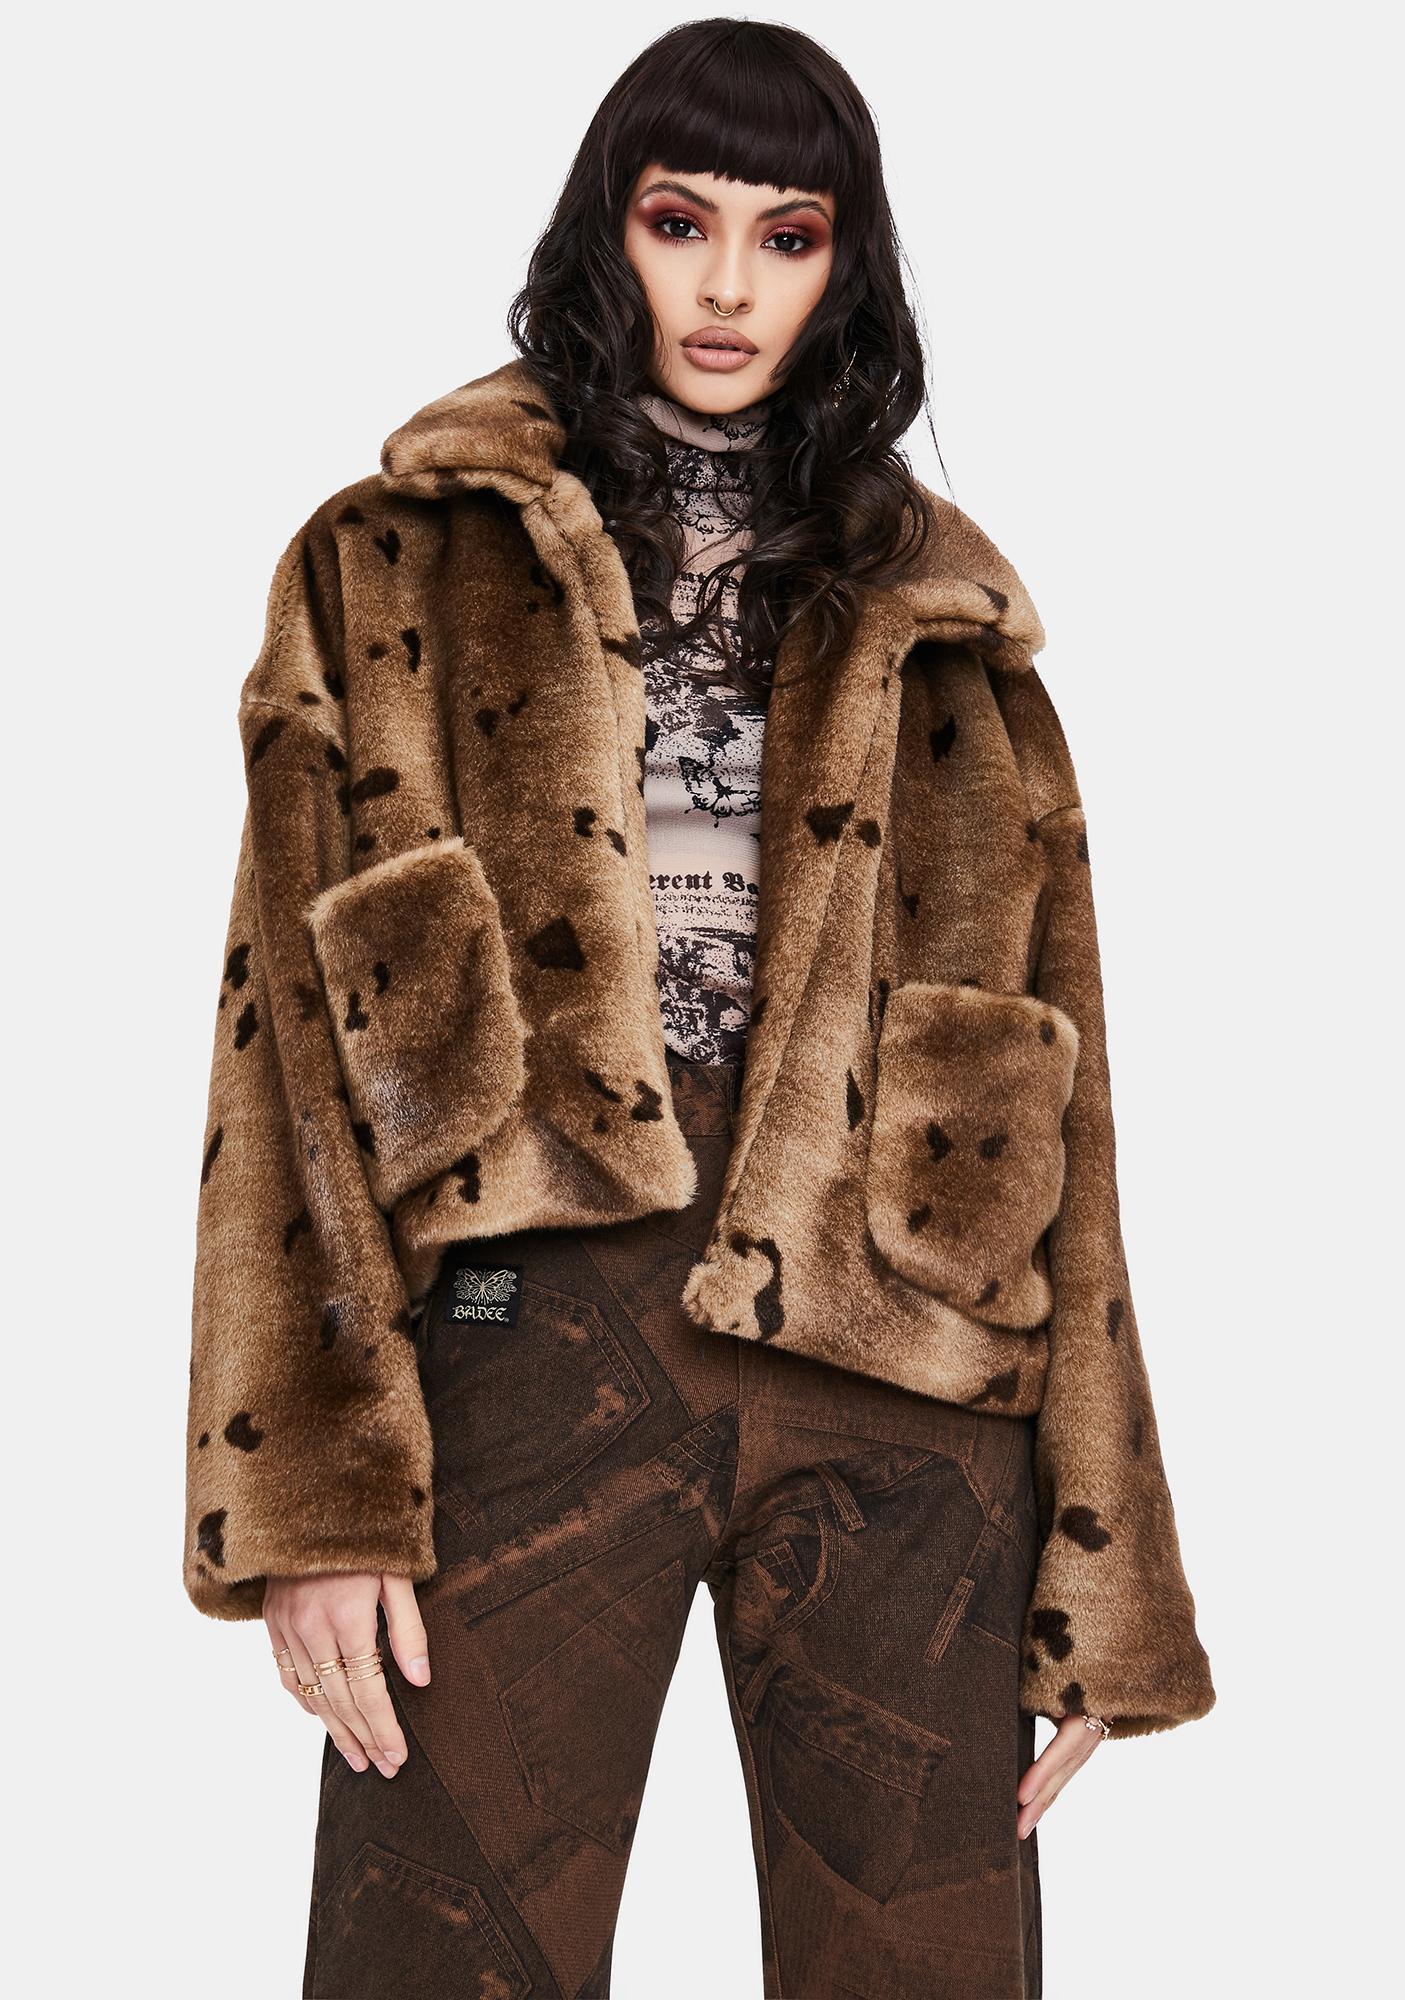 BADEE Overisized Faux Fur Jacket